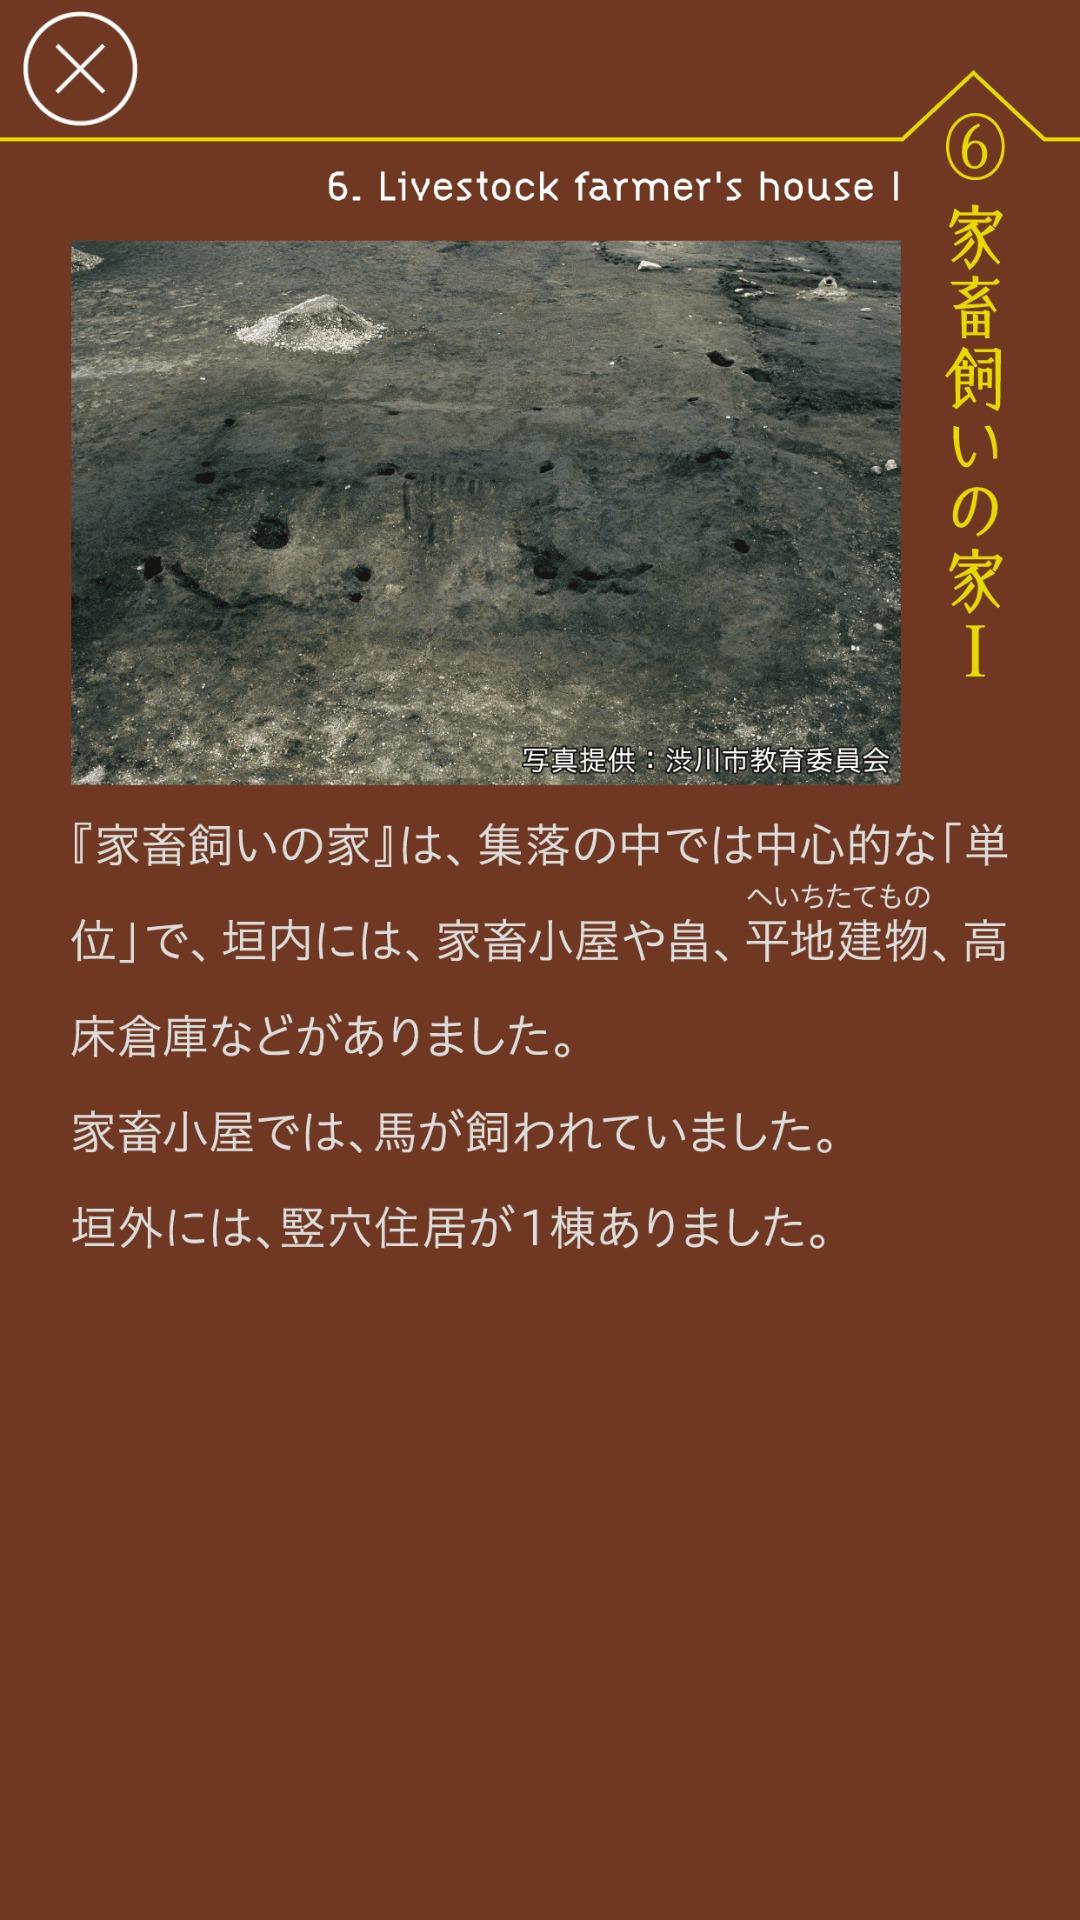 黒井峯トラベル 家畜飼いの家